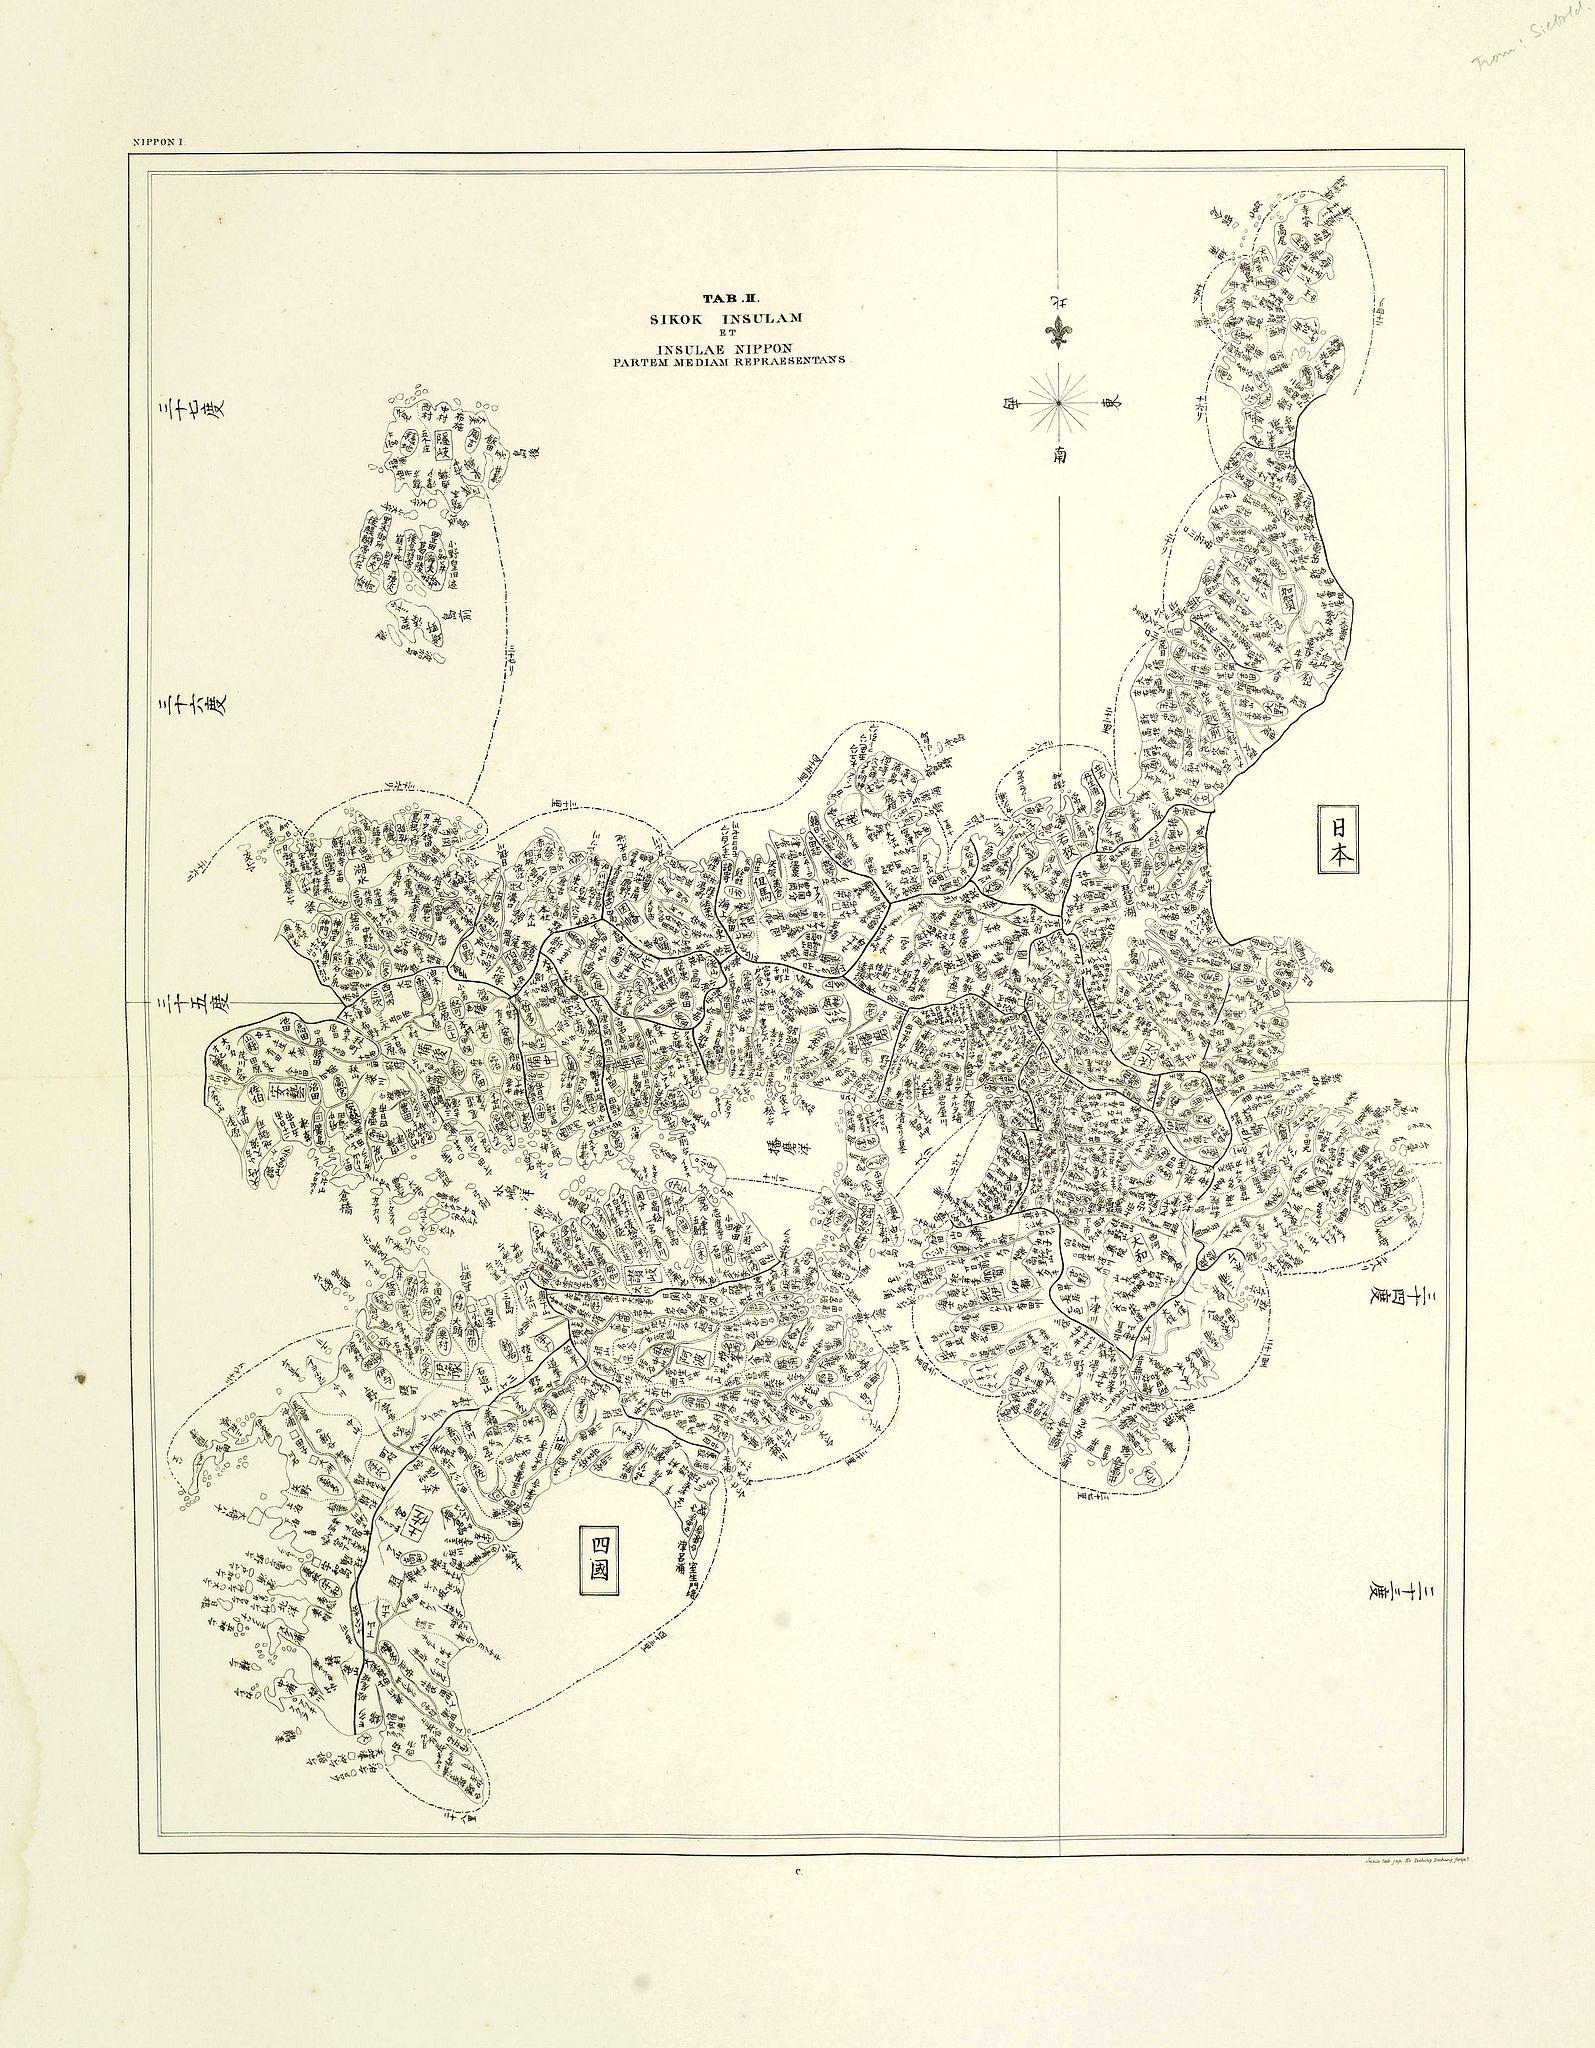 VON SIEBOLD, P.Fr.B. -  Sikok Insulam et Insulae Nippon partem mediam repraesentans.